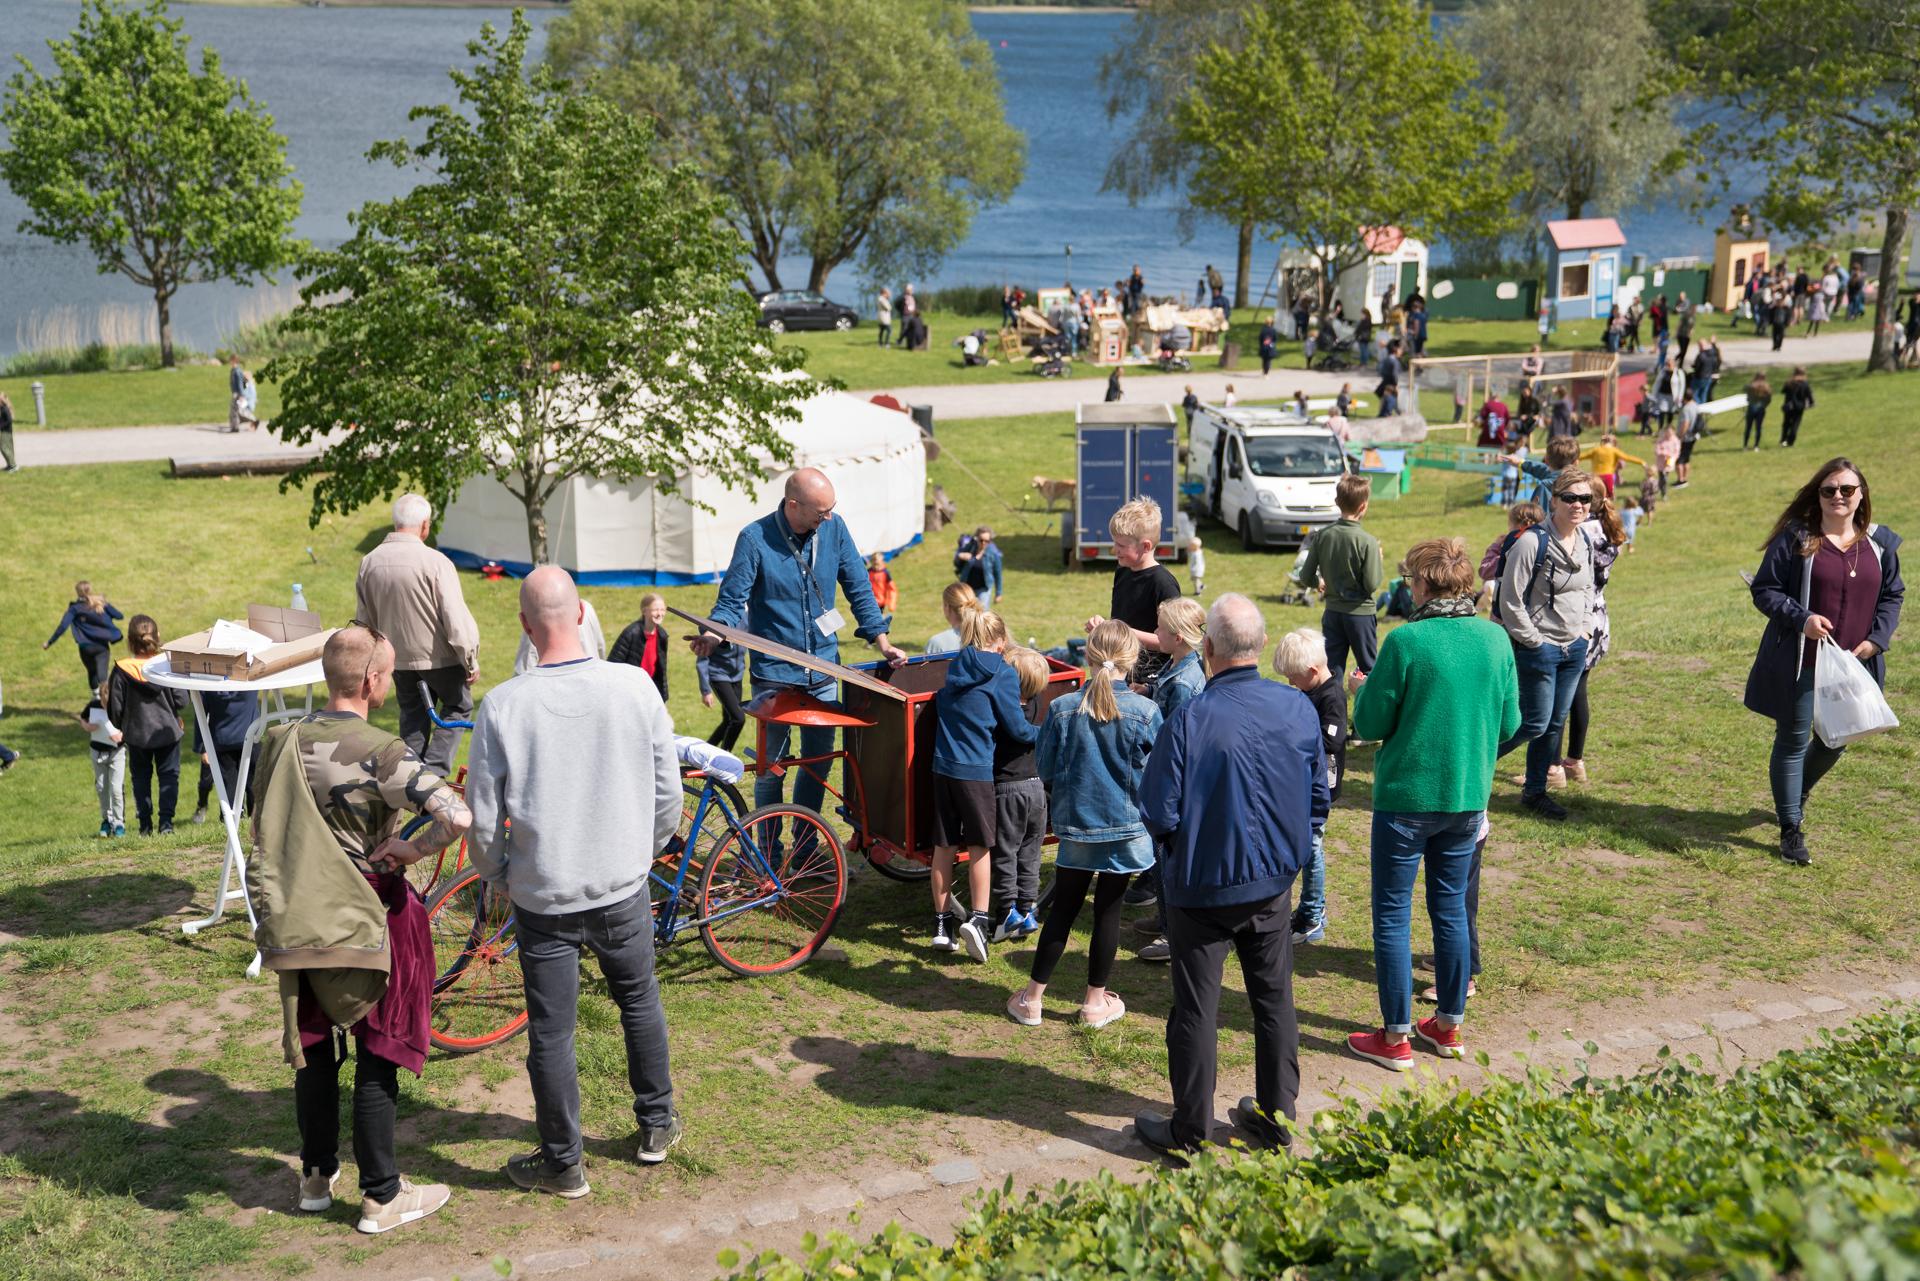 Sløngeldage lørdag - web - Fotograf Per Bille-20190525-00652.jpg